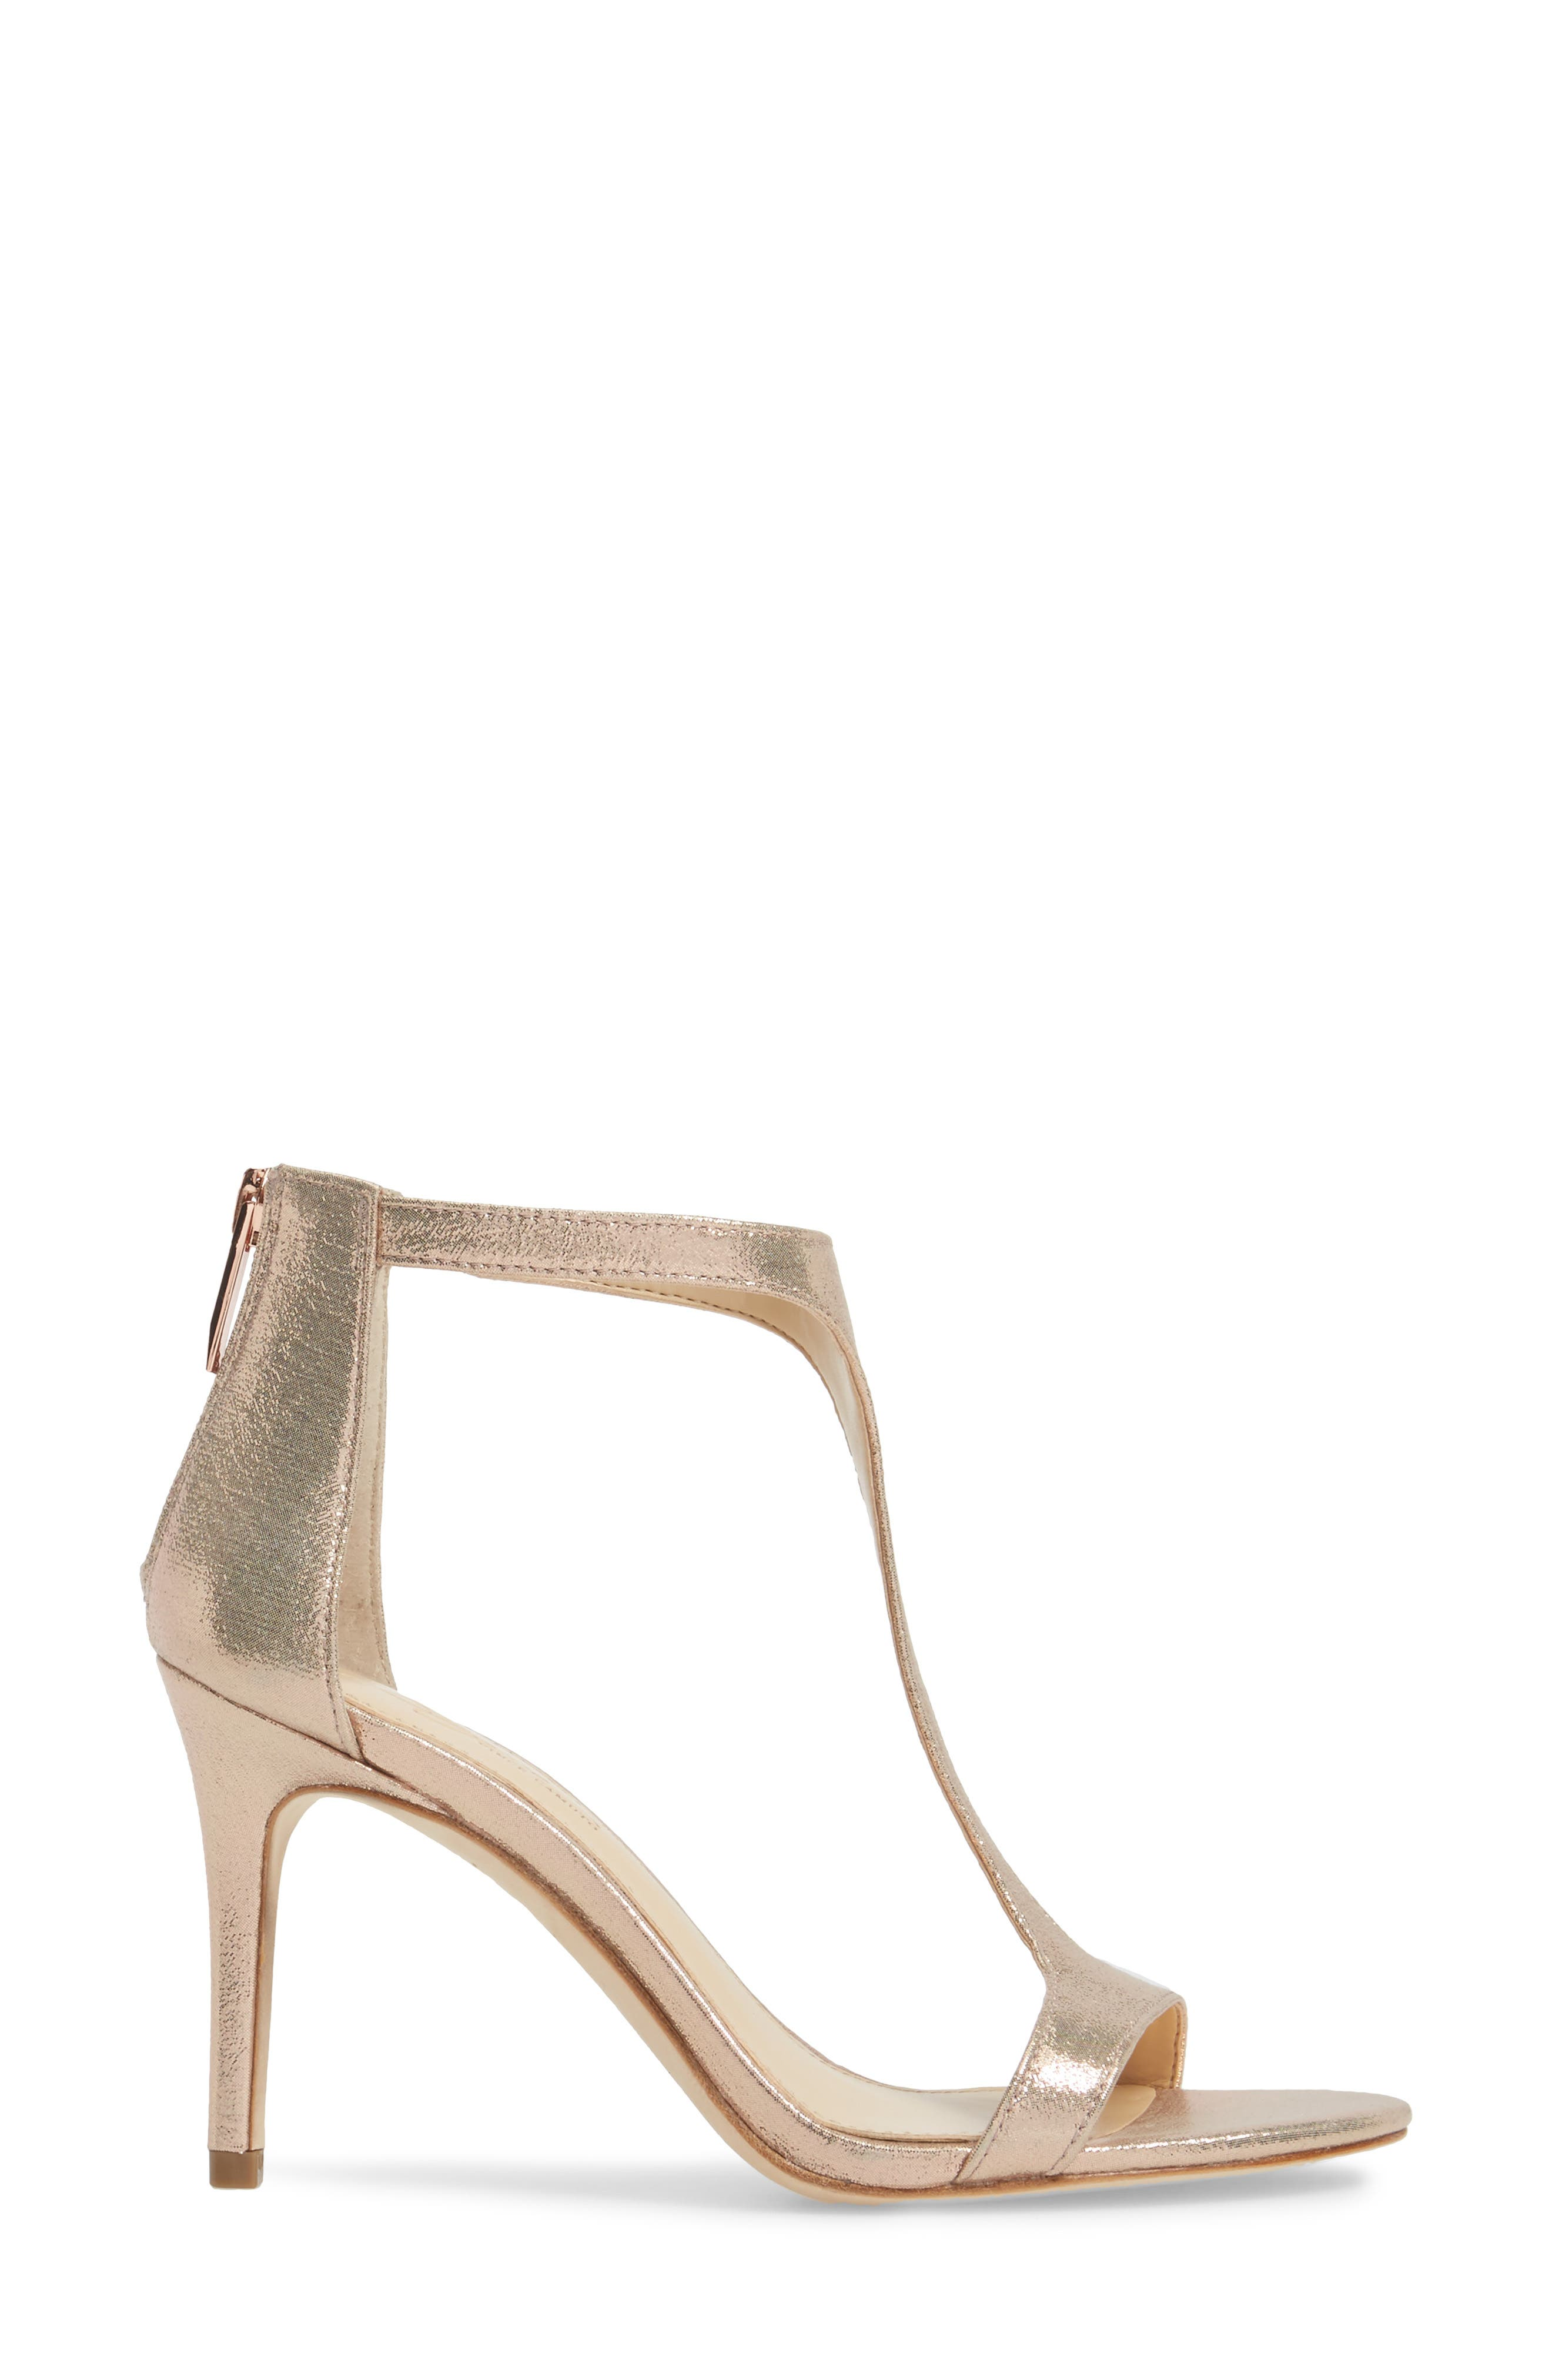 Alternate Image 3  - Imagine by Vince Camuto 'Phoebe' Embellished T-Strap Sandal (Women)